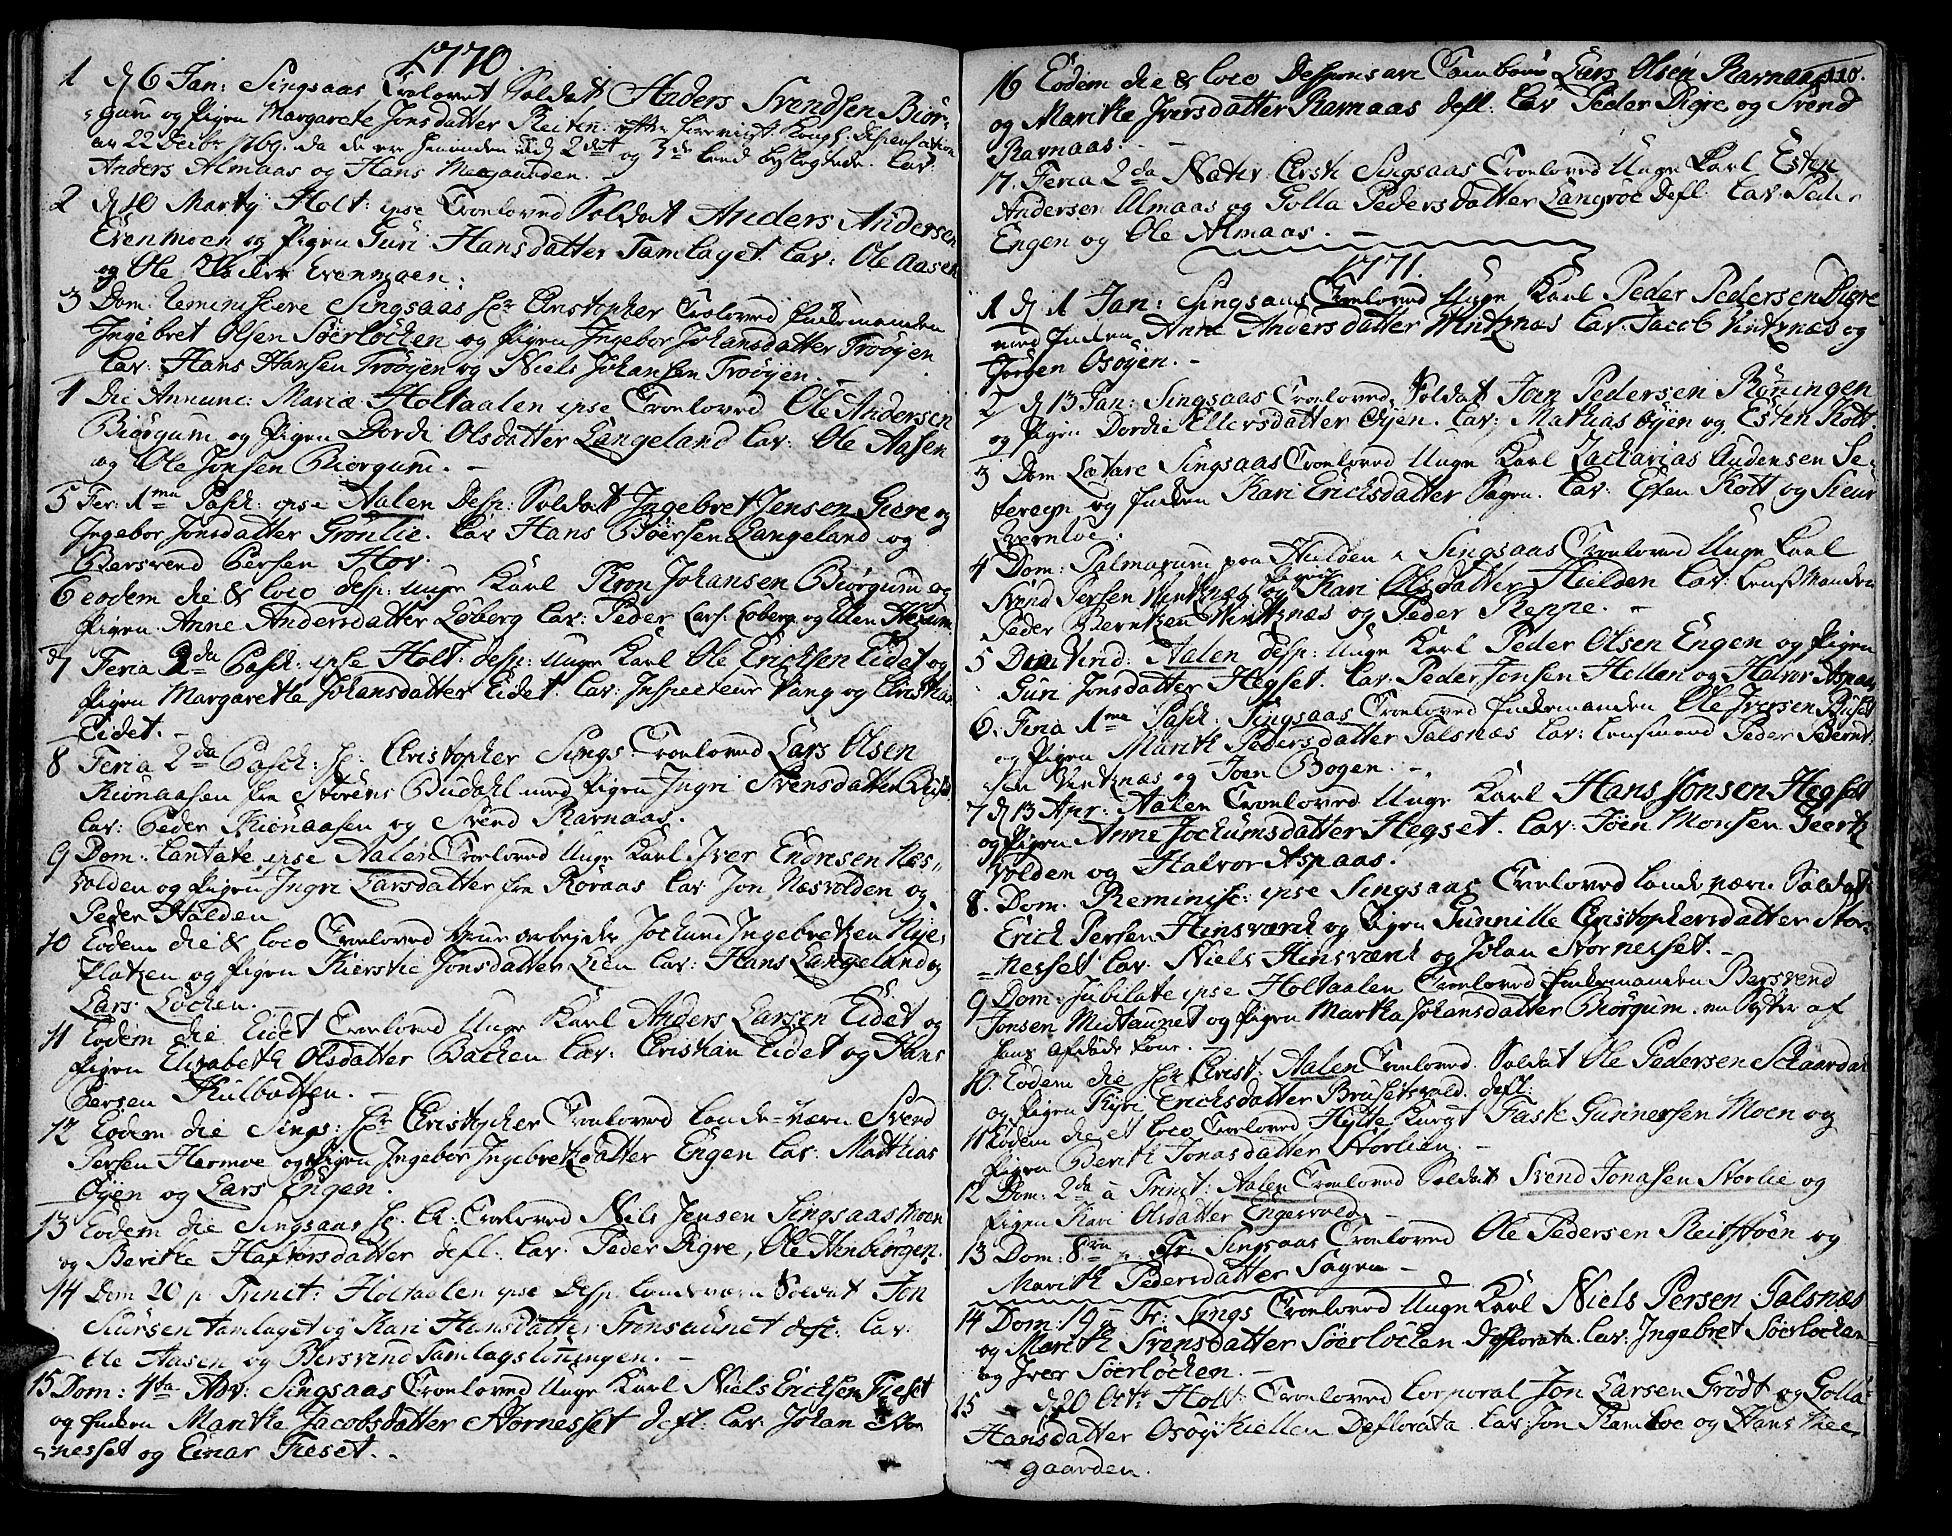 SAT, Ministerialprotokoller, klokkerbøker og fødselsregistre - Sør-Trøndelag, 685/L0952: Ministerialbok nr. 685A01, 1745-1804, s. 110